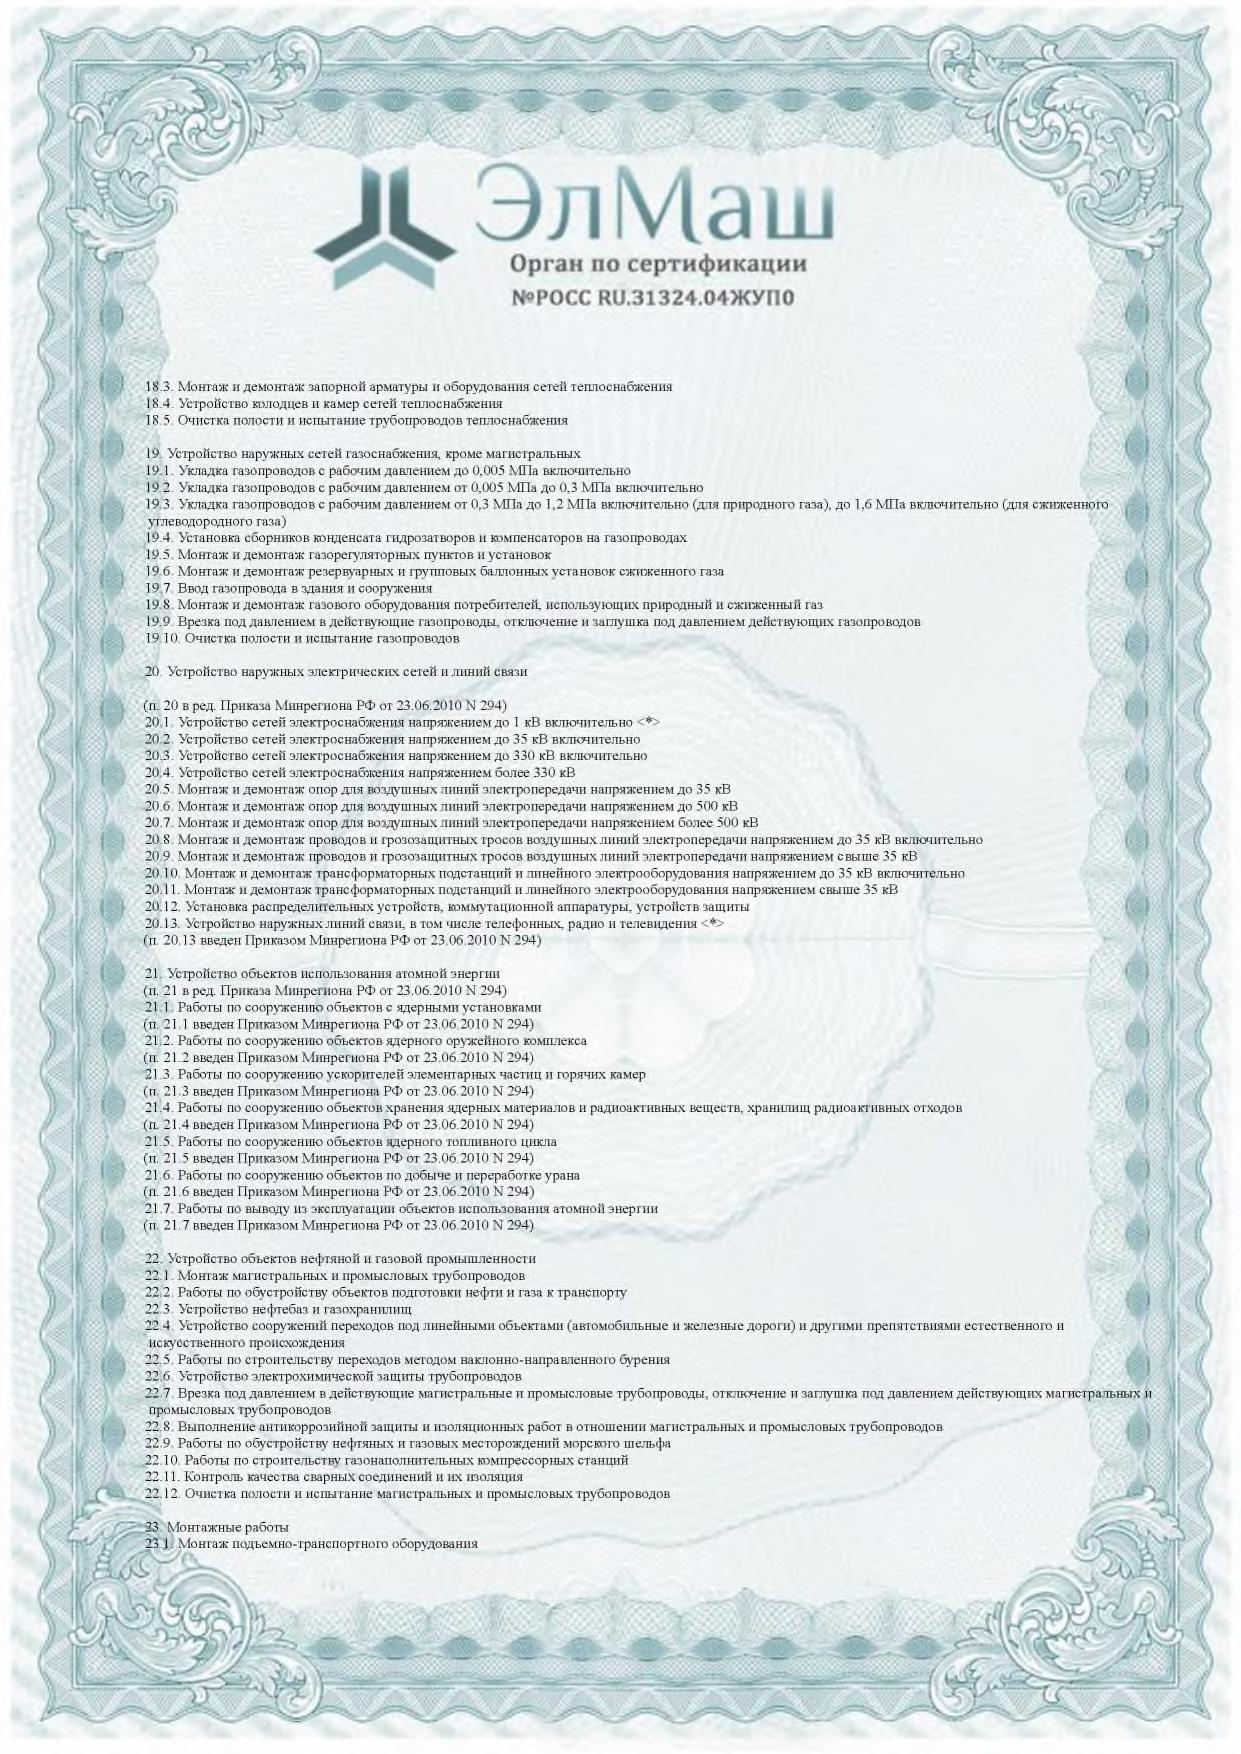 Приложение к сертификату виды работ по строительству и капитальному ремонту стр 3